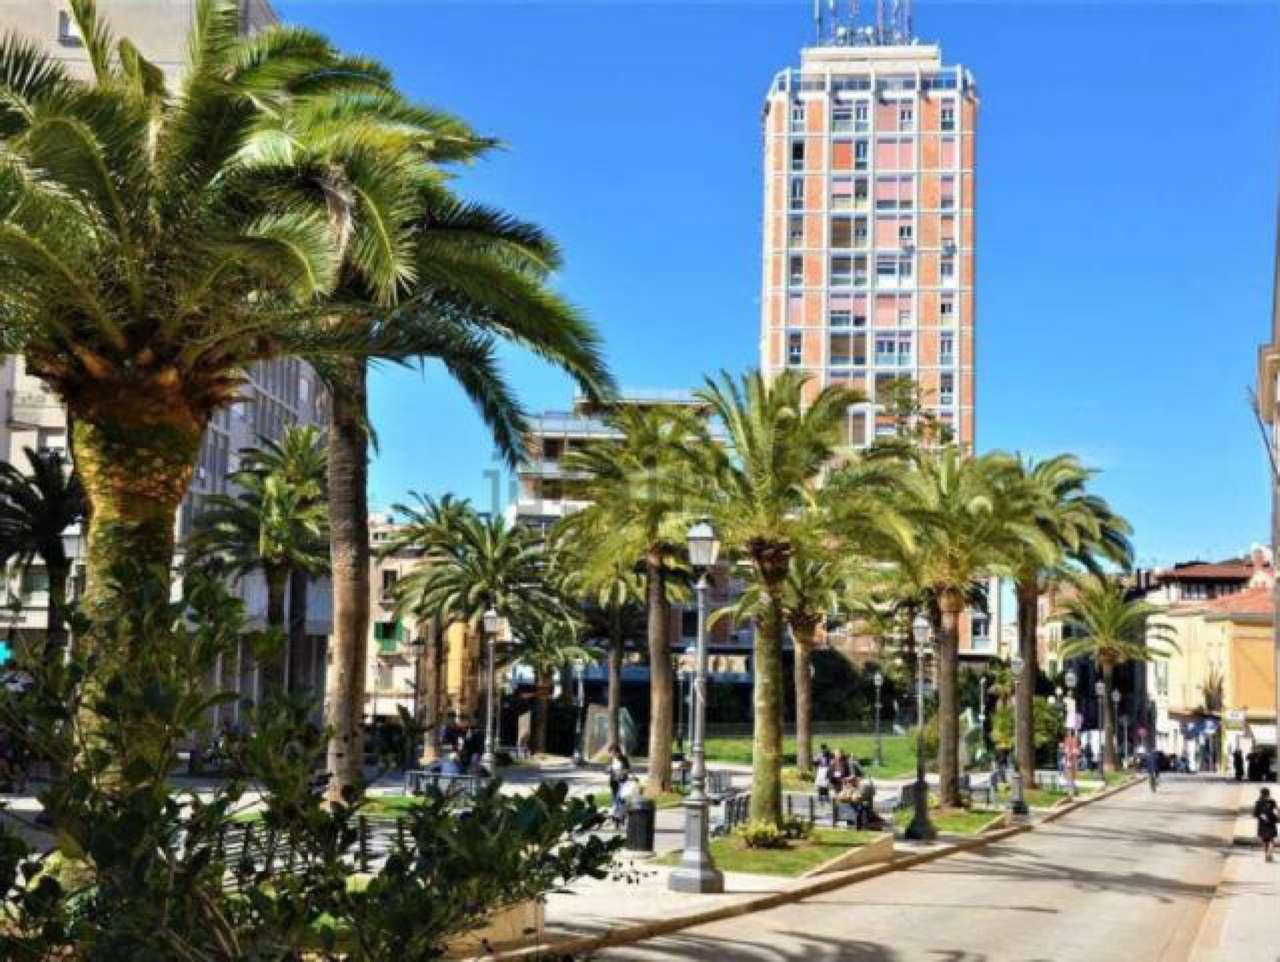 Appartamento in vendita a Sassari, 5 locali, prezzo € 90.000 | CambioCasa.it